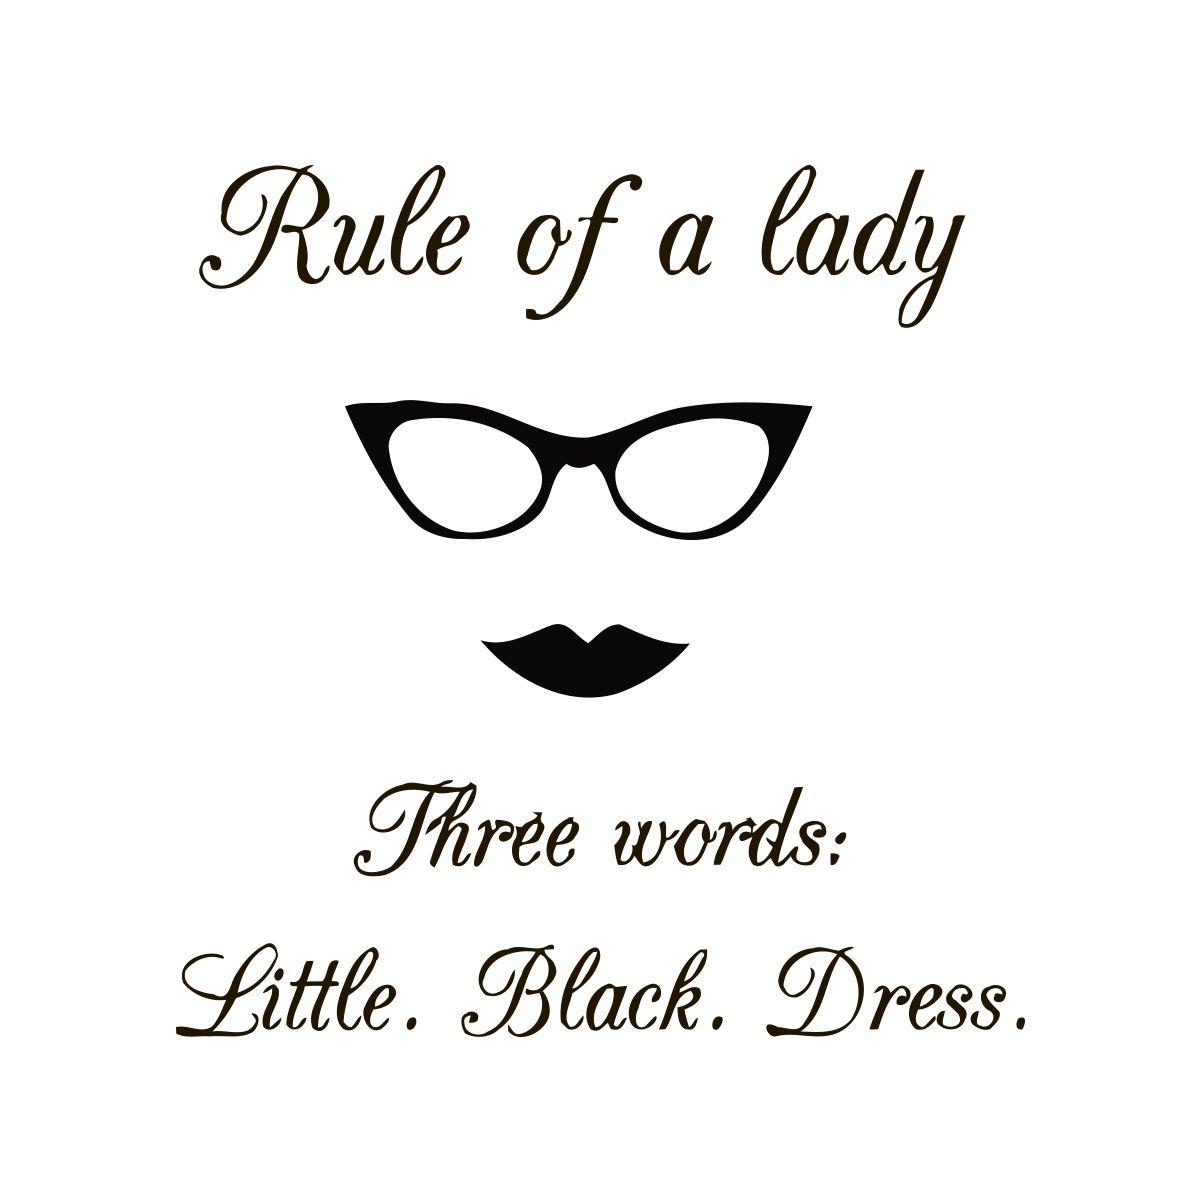 Black dress quotes pinterest - Little Black Dress Quote